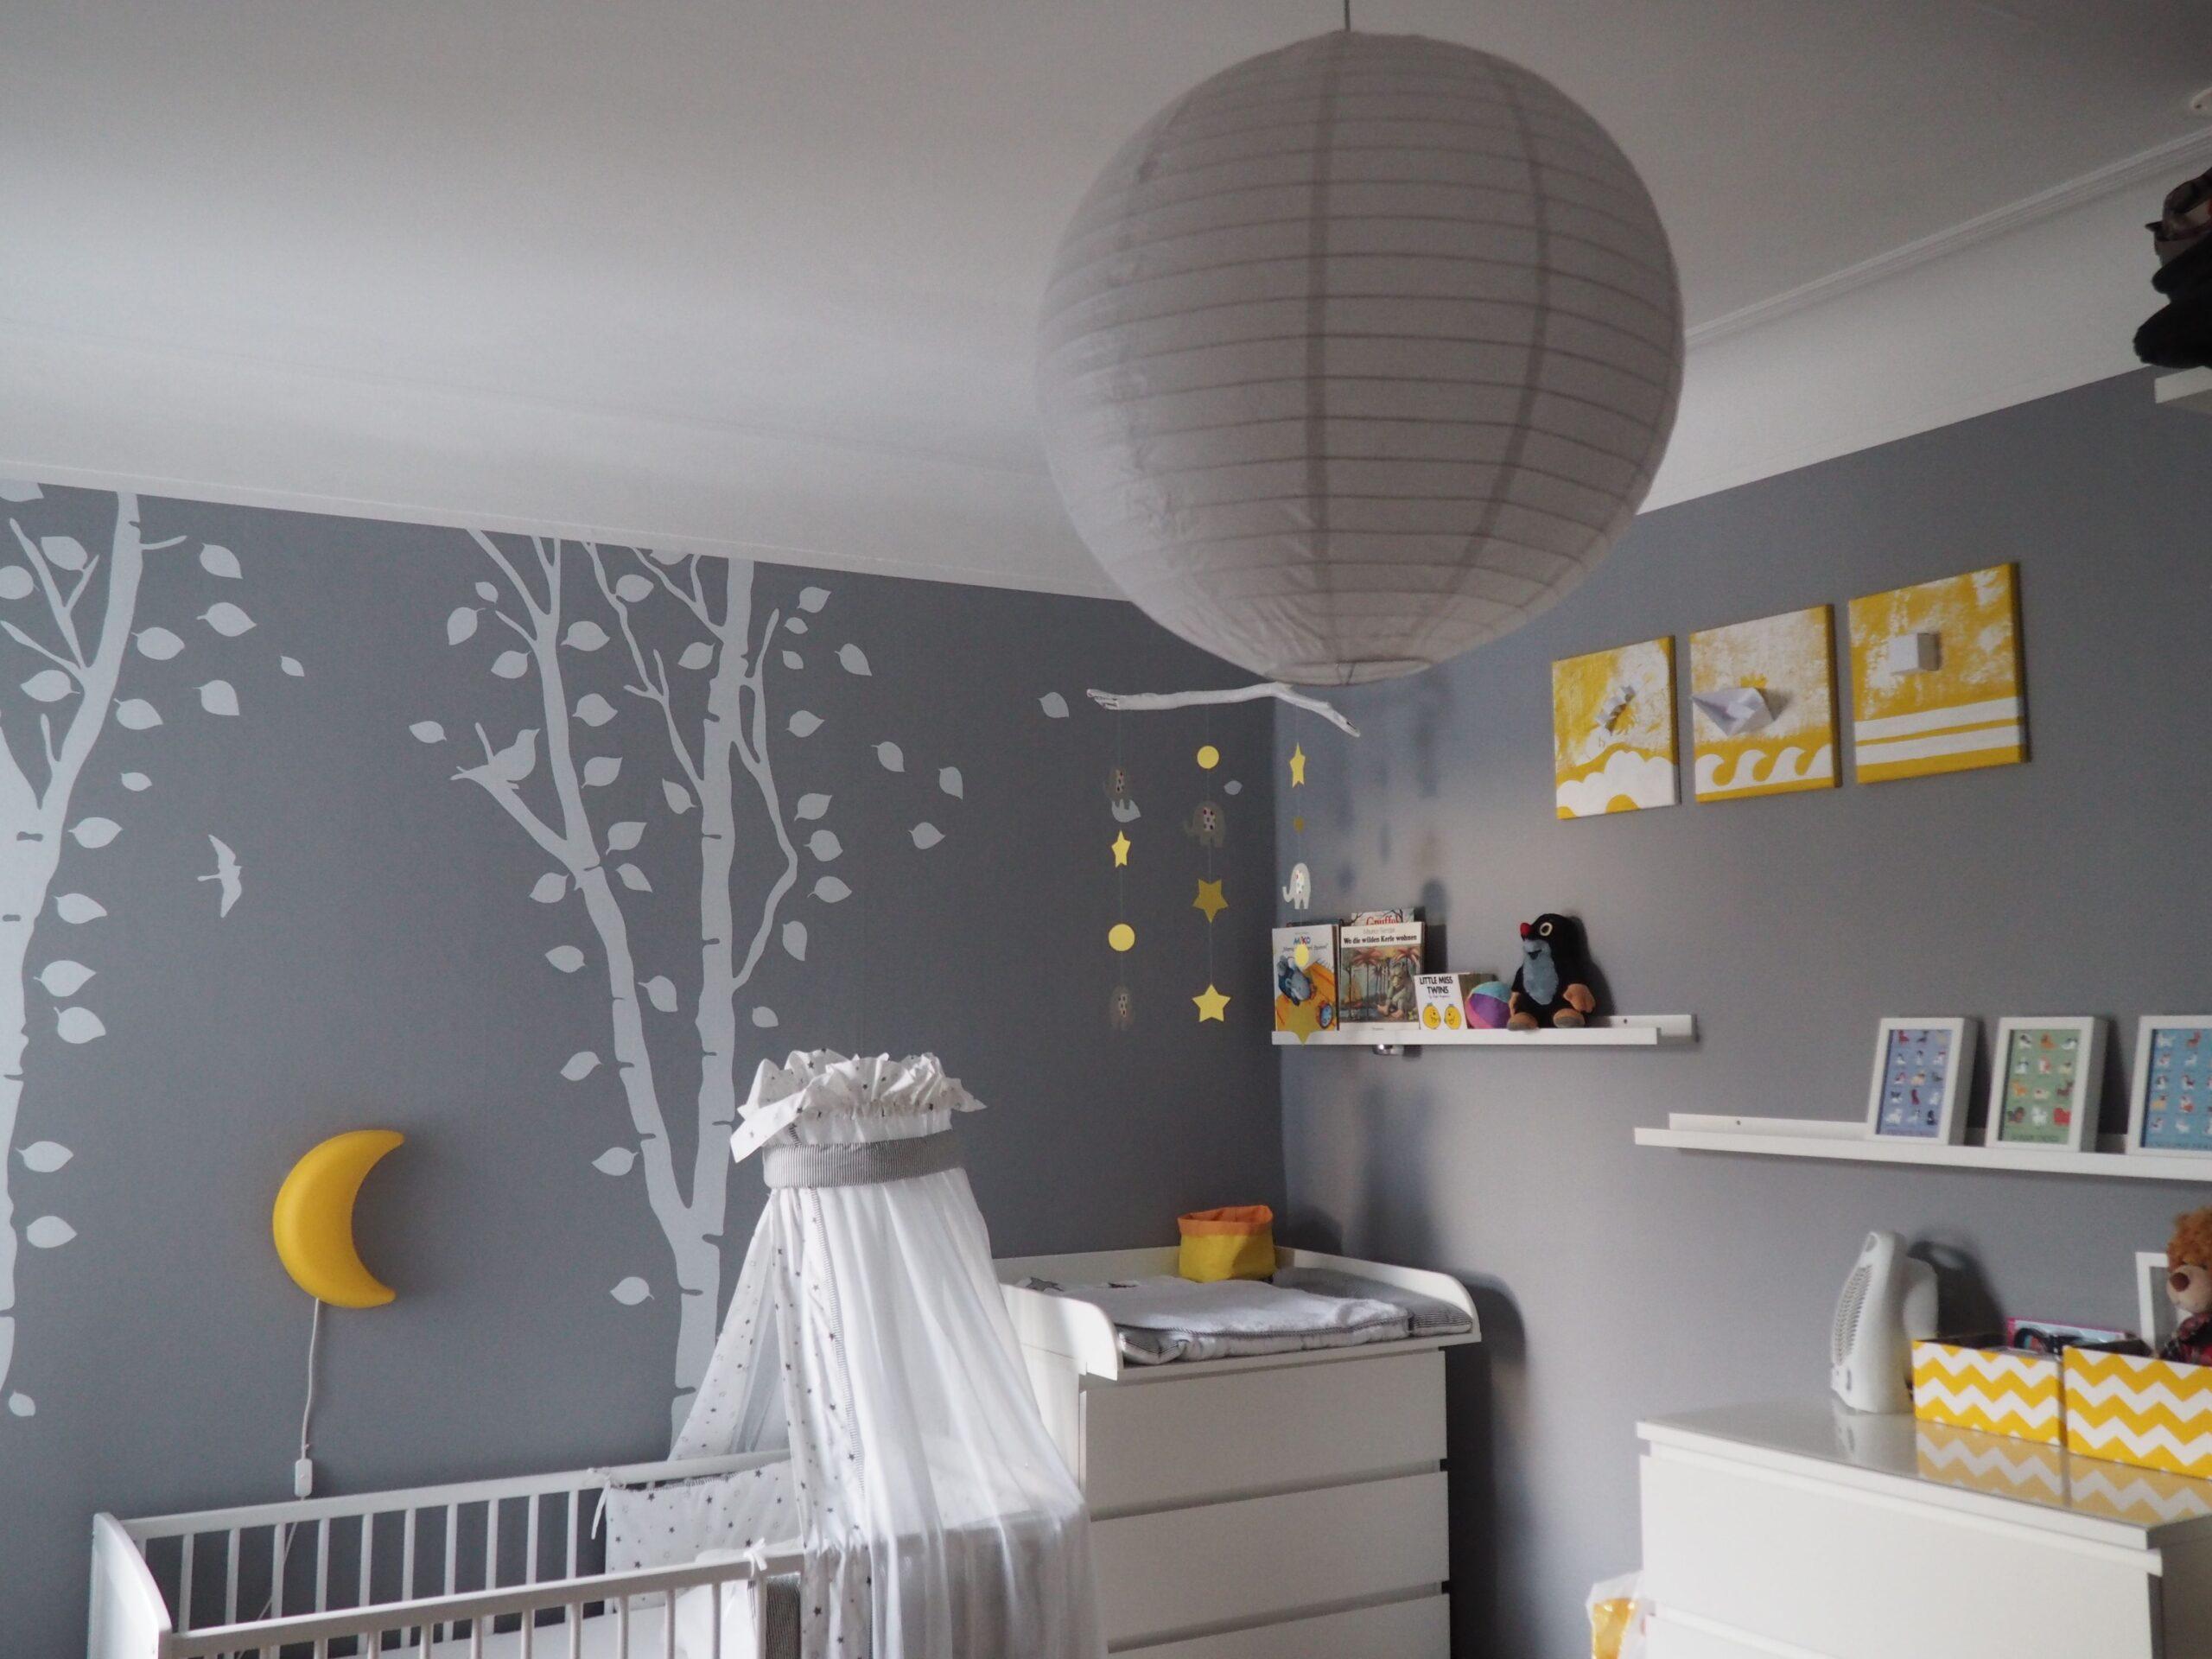 Full Size of Kinderzimmer Einrichten Junge Bett Kleinkind Wei Aqua Regal Sofa Weiß Küche Badezimmer Kleine Regale Kinderzimmer Kinderzimmer Einrichten Junge